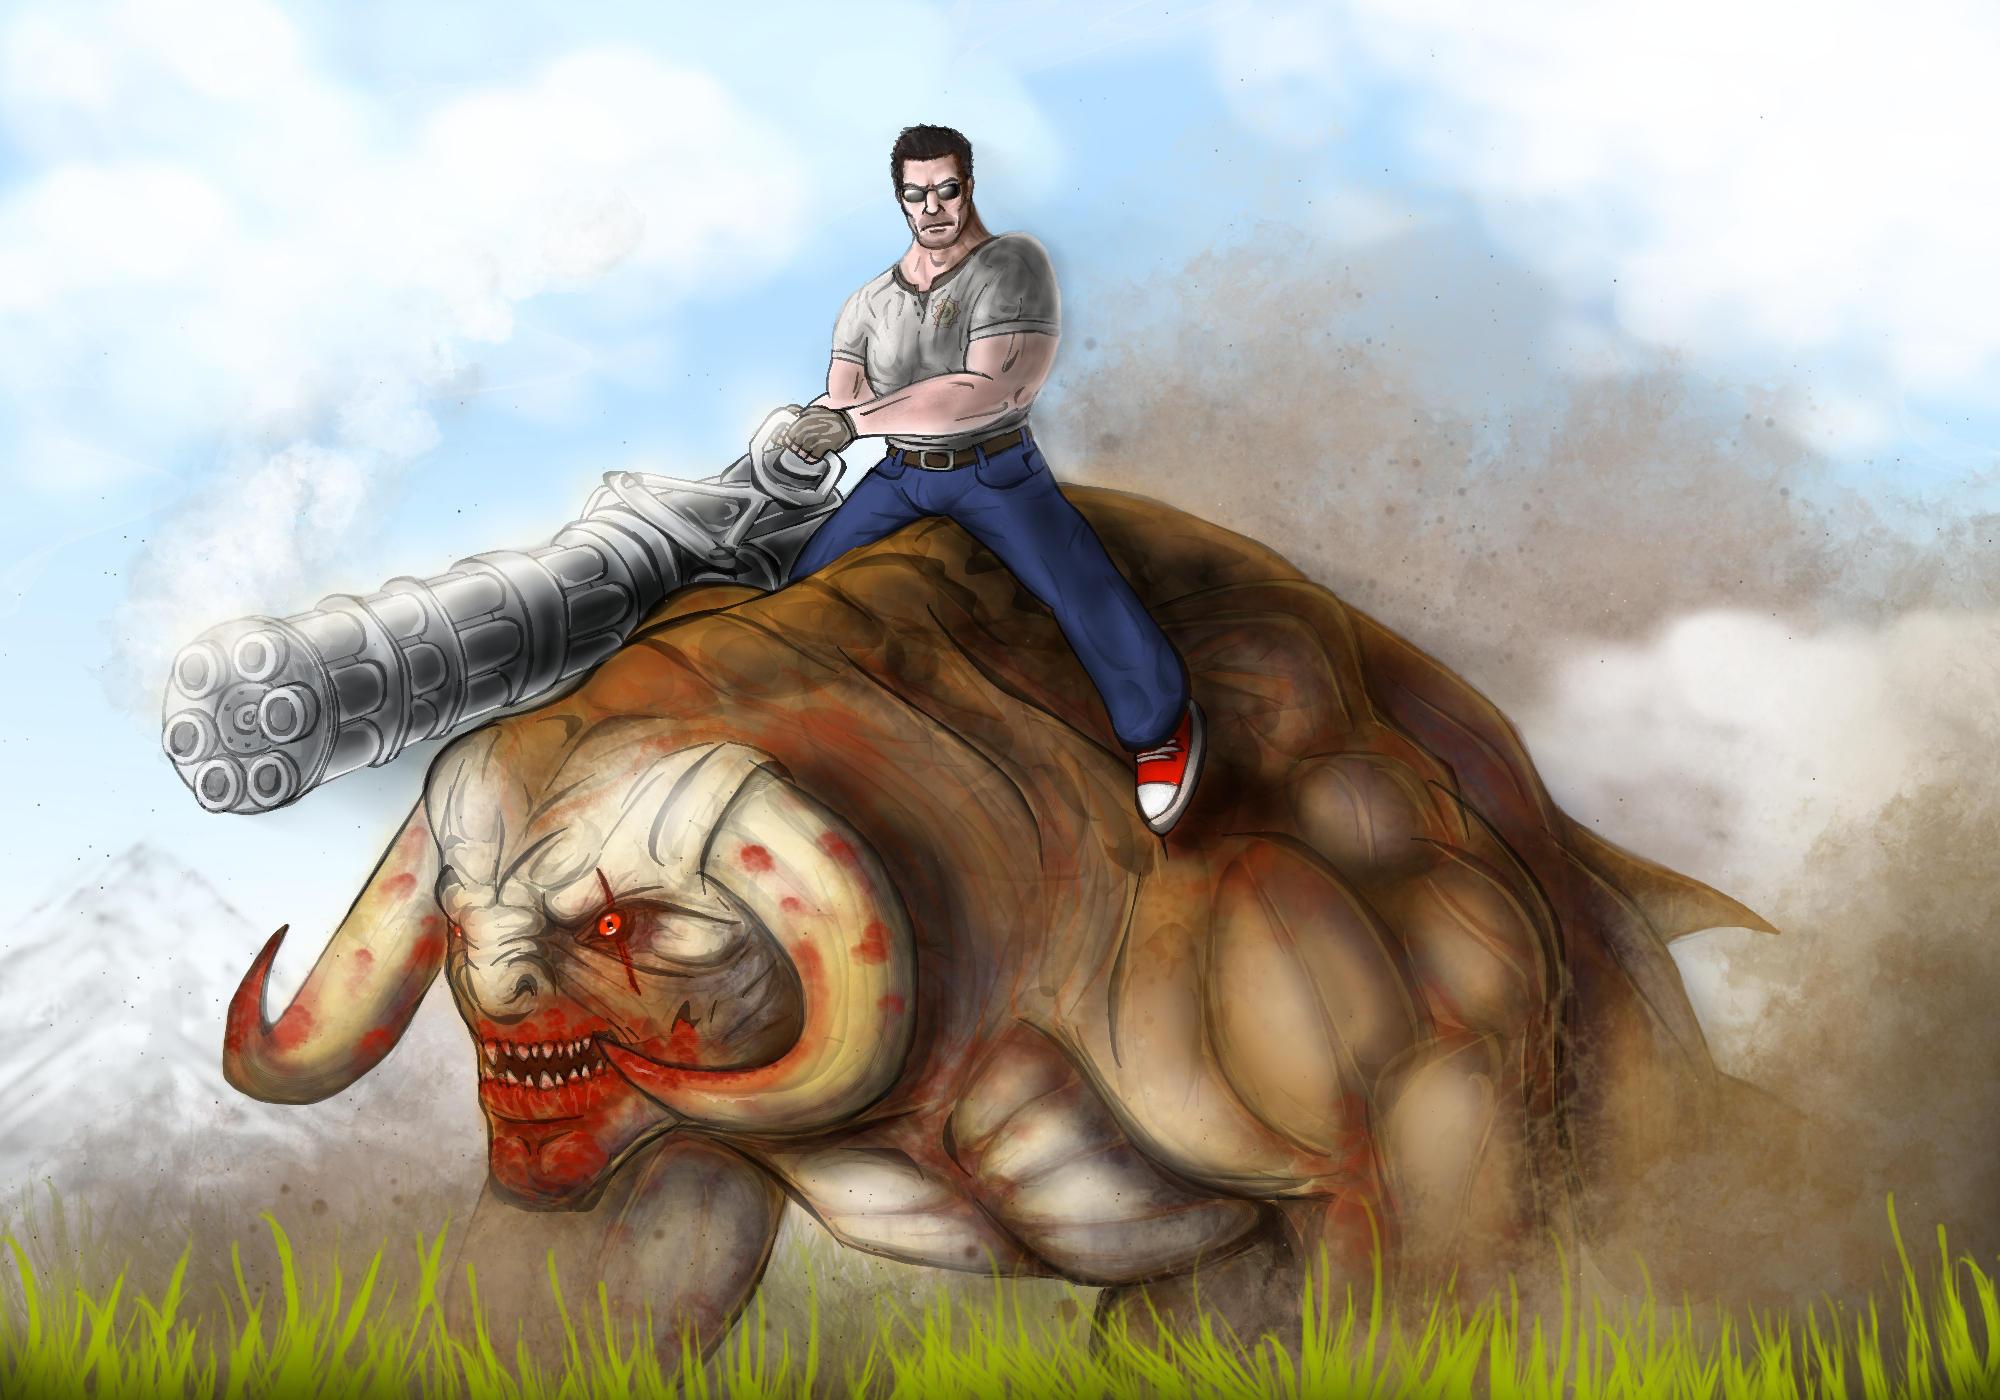 Werebull Rider by ImmortalTartal